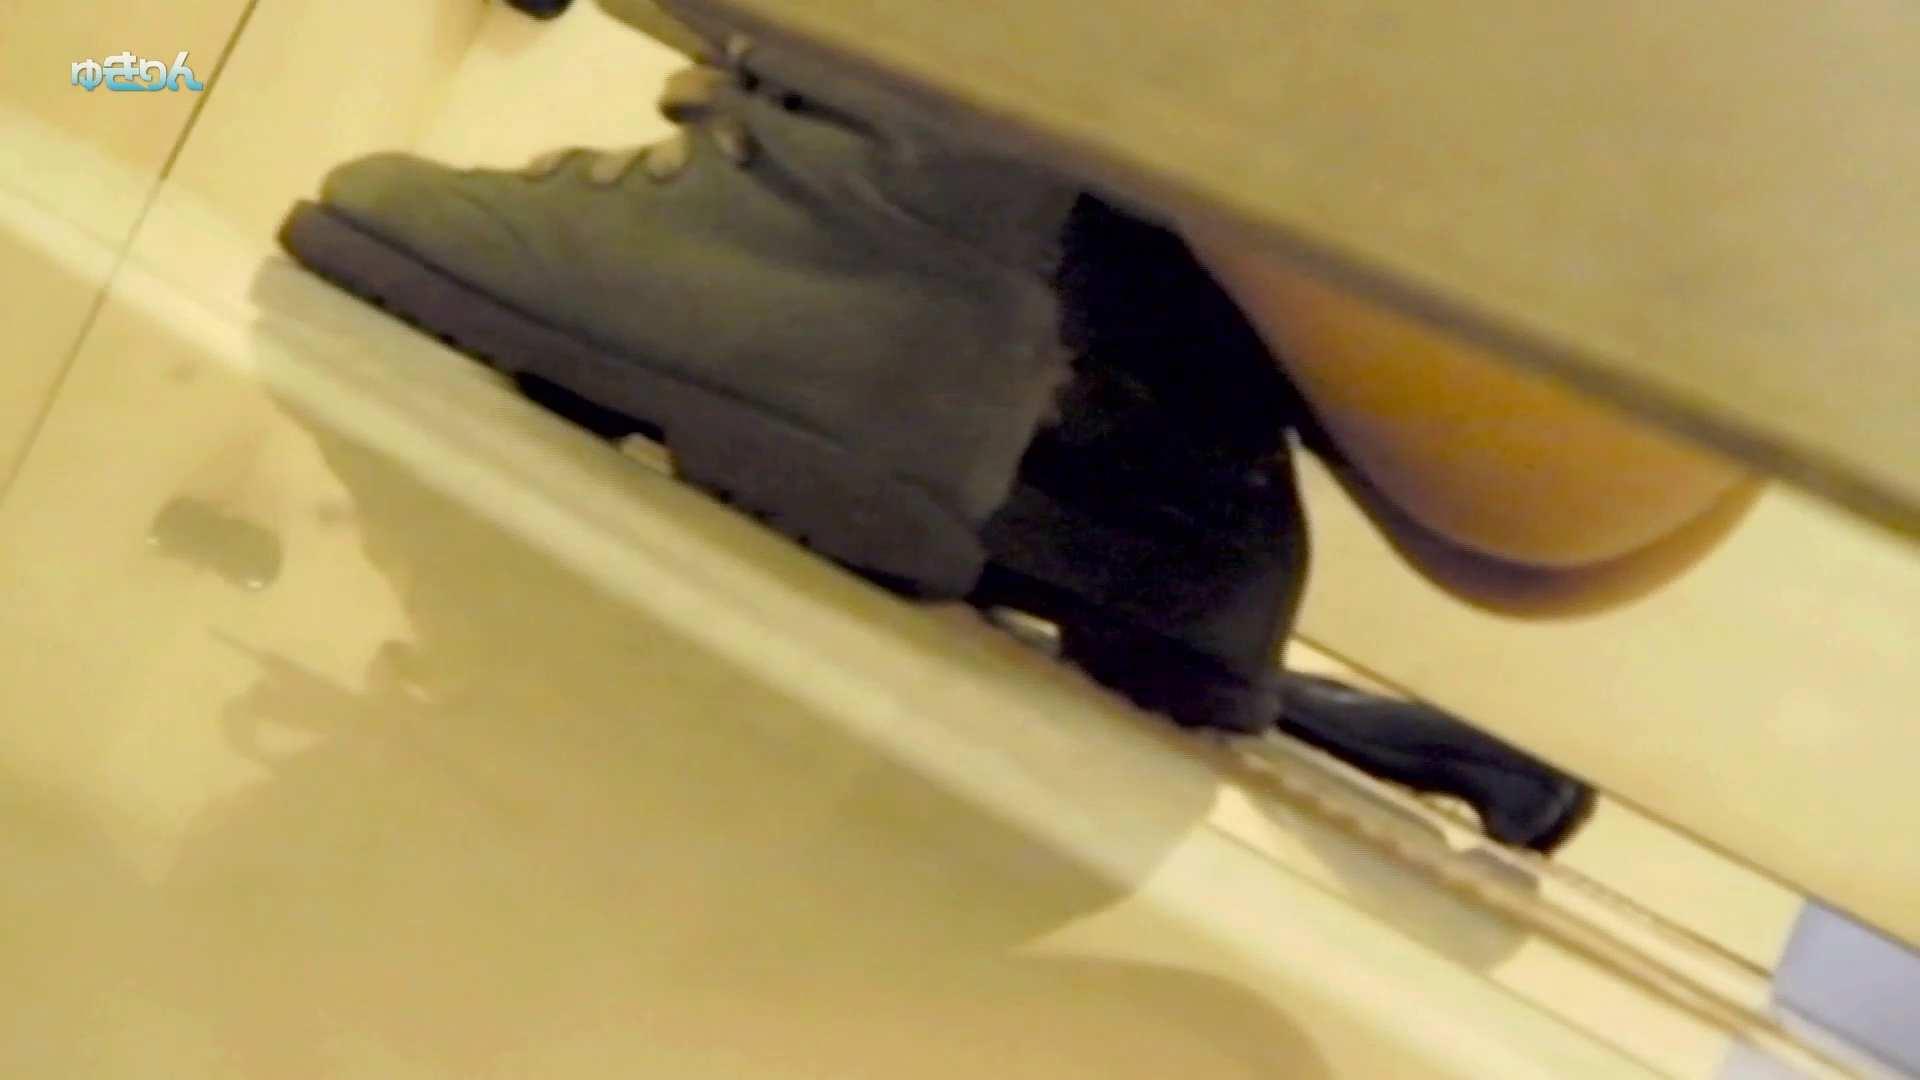 新世界の射窓 No81 制月反さん登場!! 高画質 ヌード画像 106画像 17